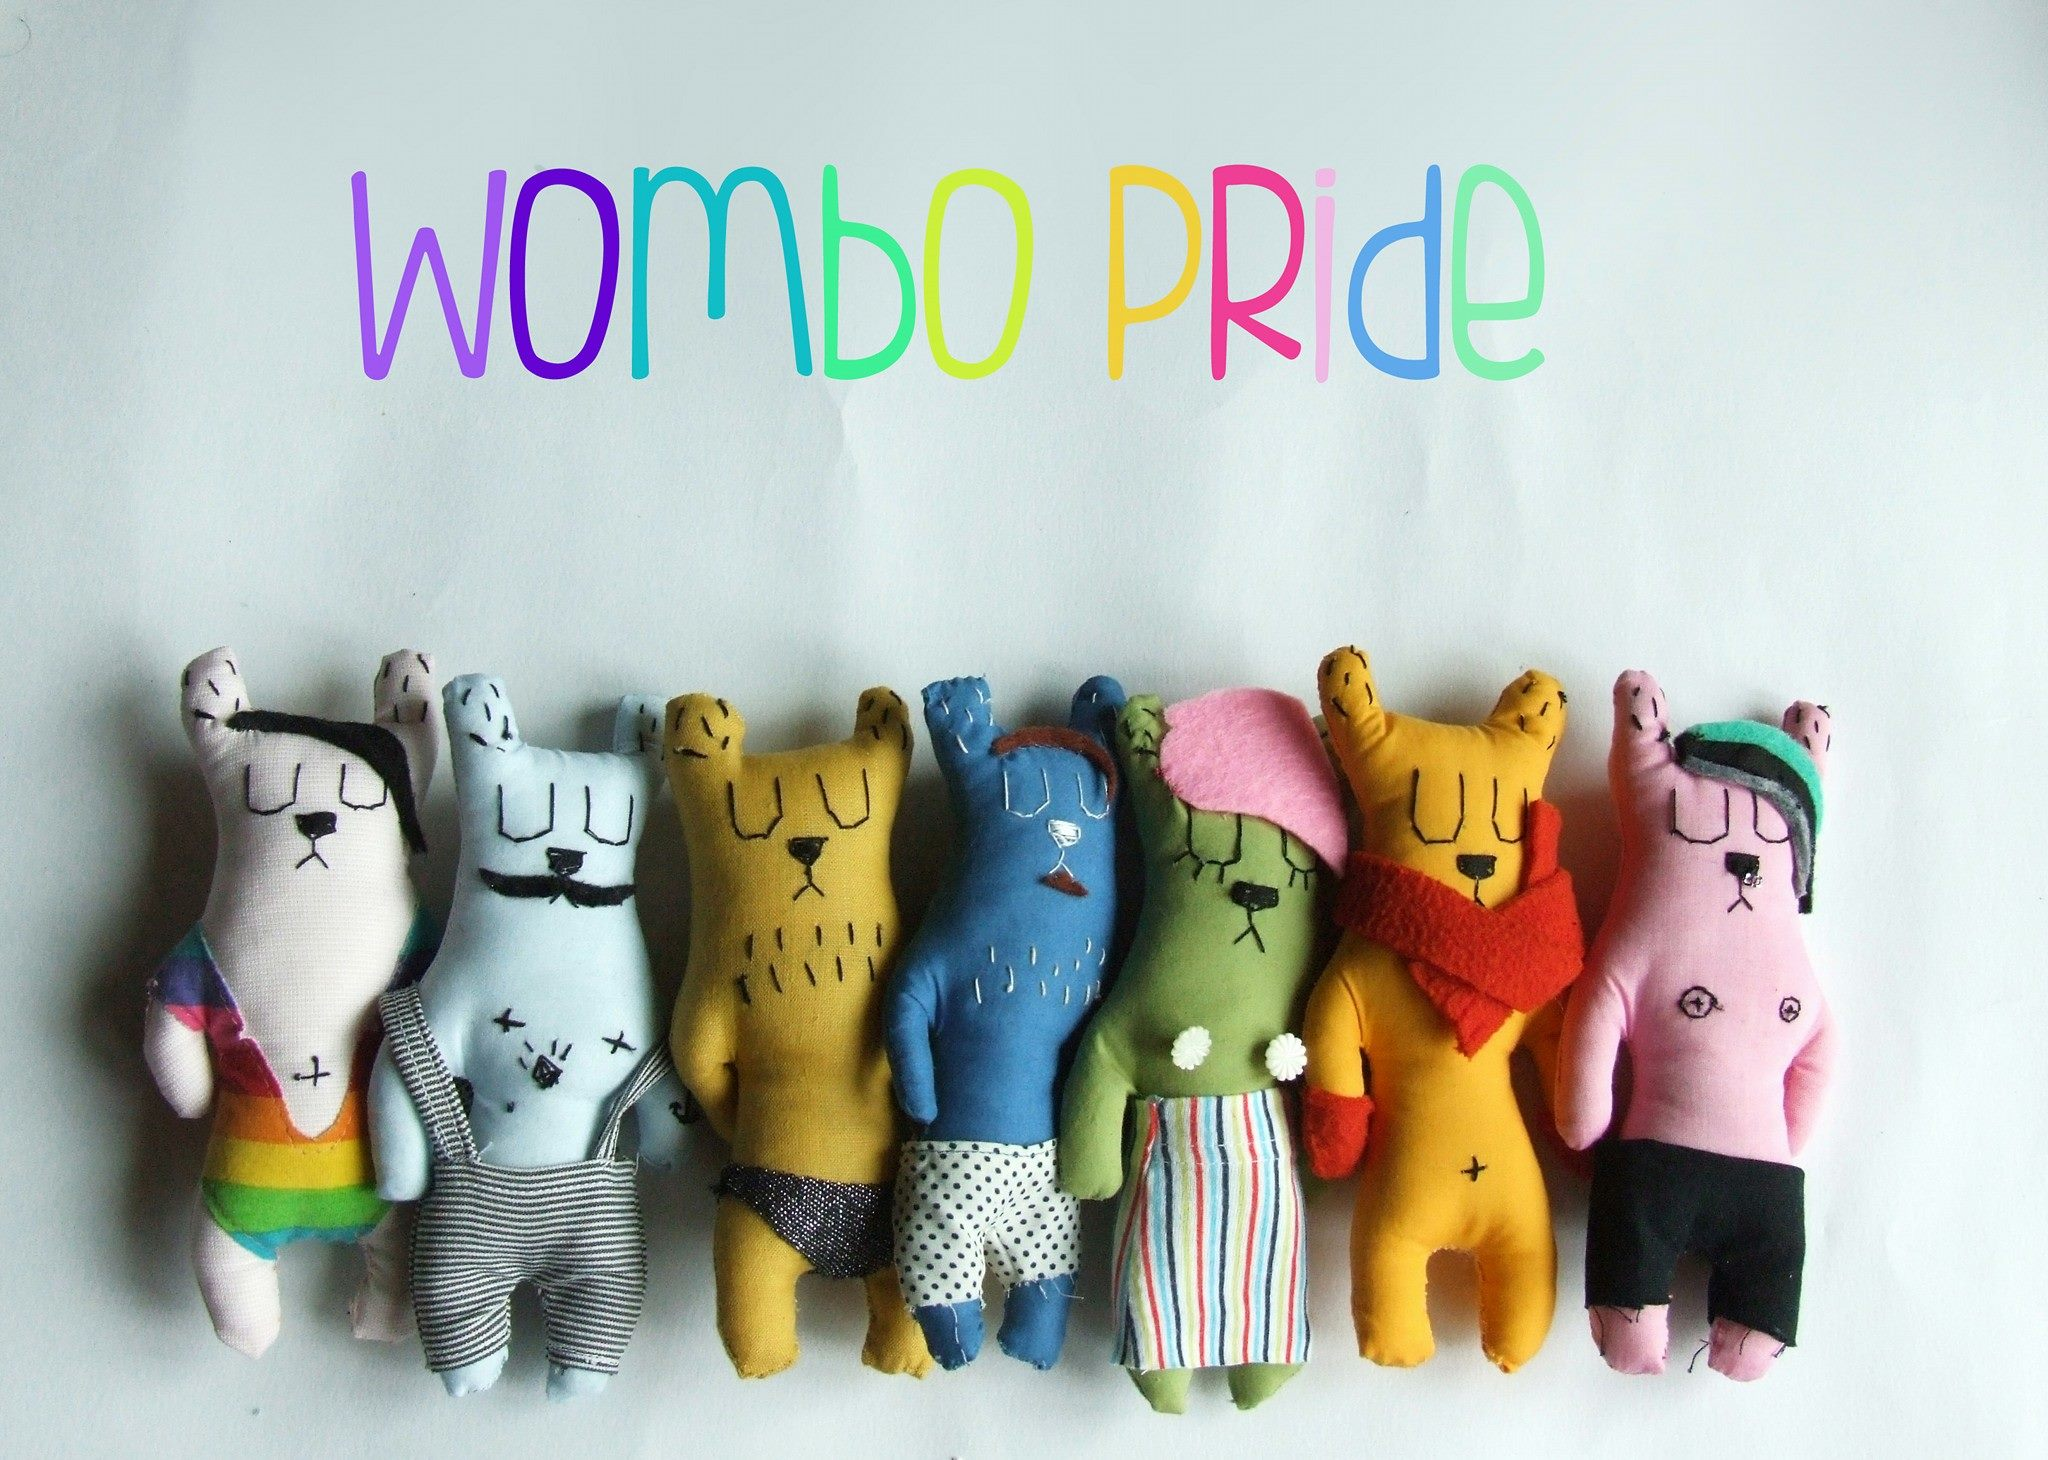 wombo-ancona